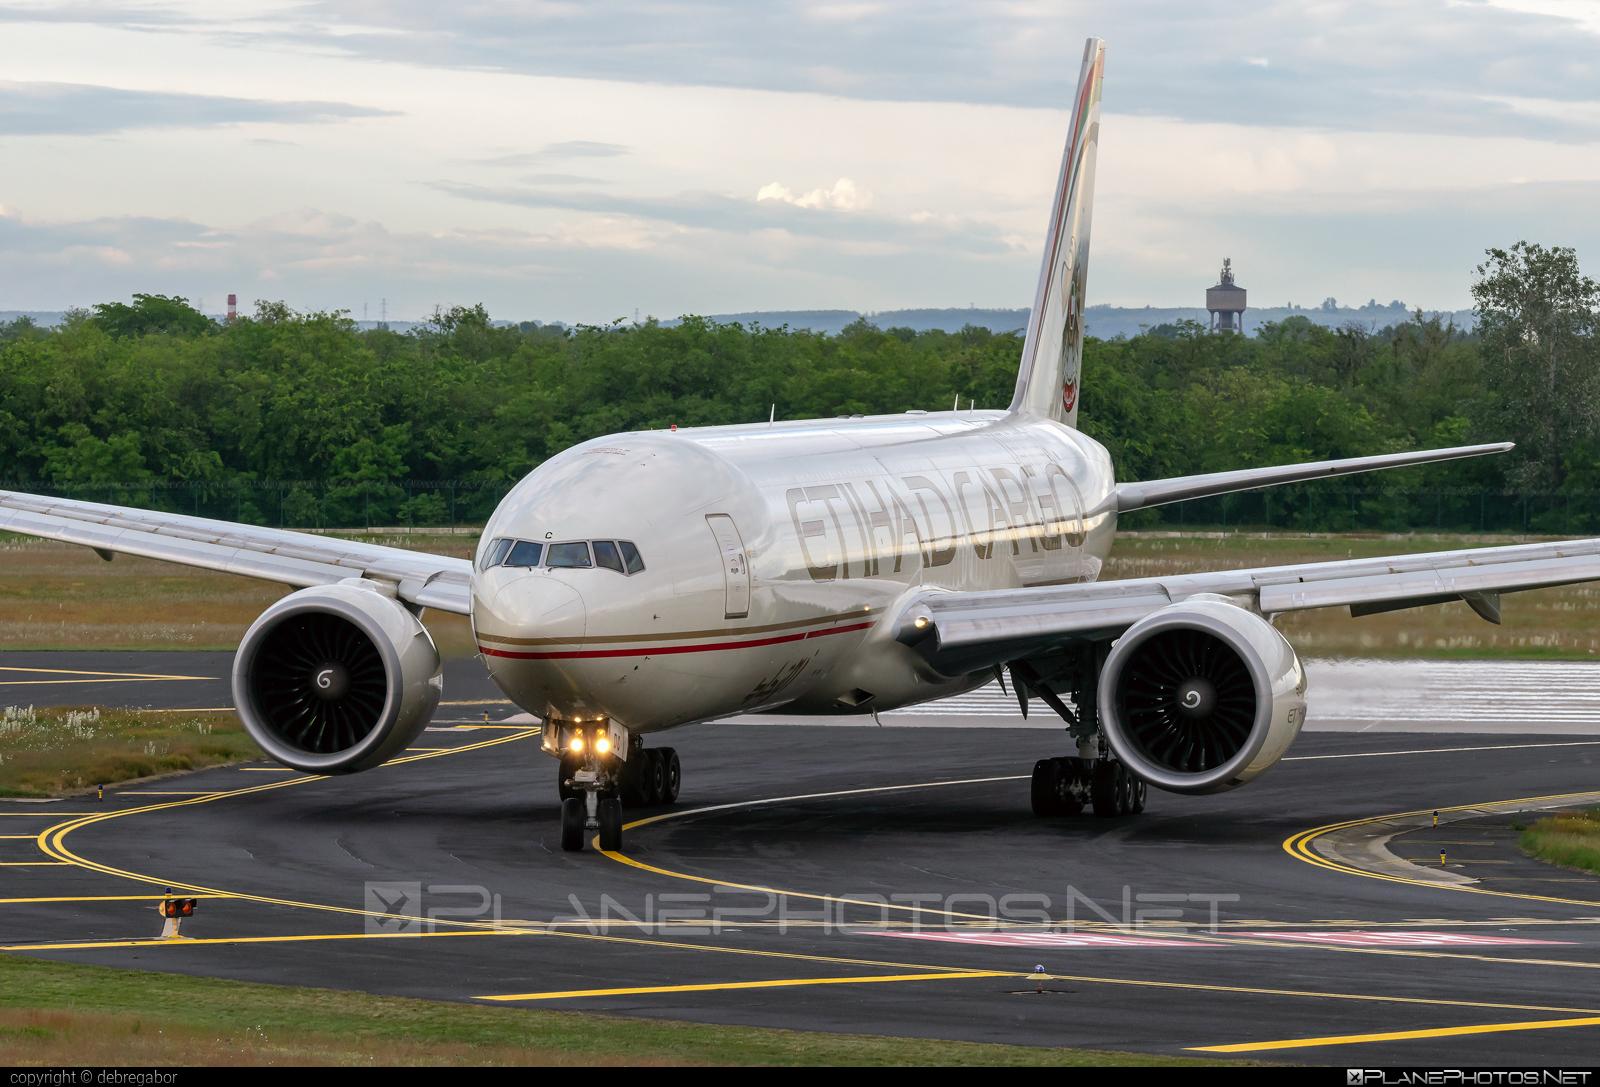 Boeing 777F - A6-DDC operated by Etihad Cargo #b777 #b777f #b777freighter #boeing #boeing777 #etihad #etihadcargo #tripleseven